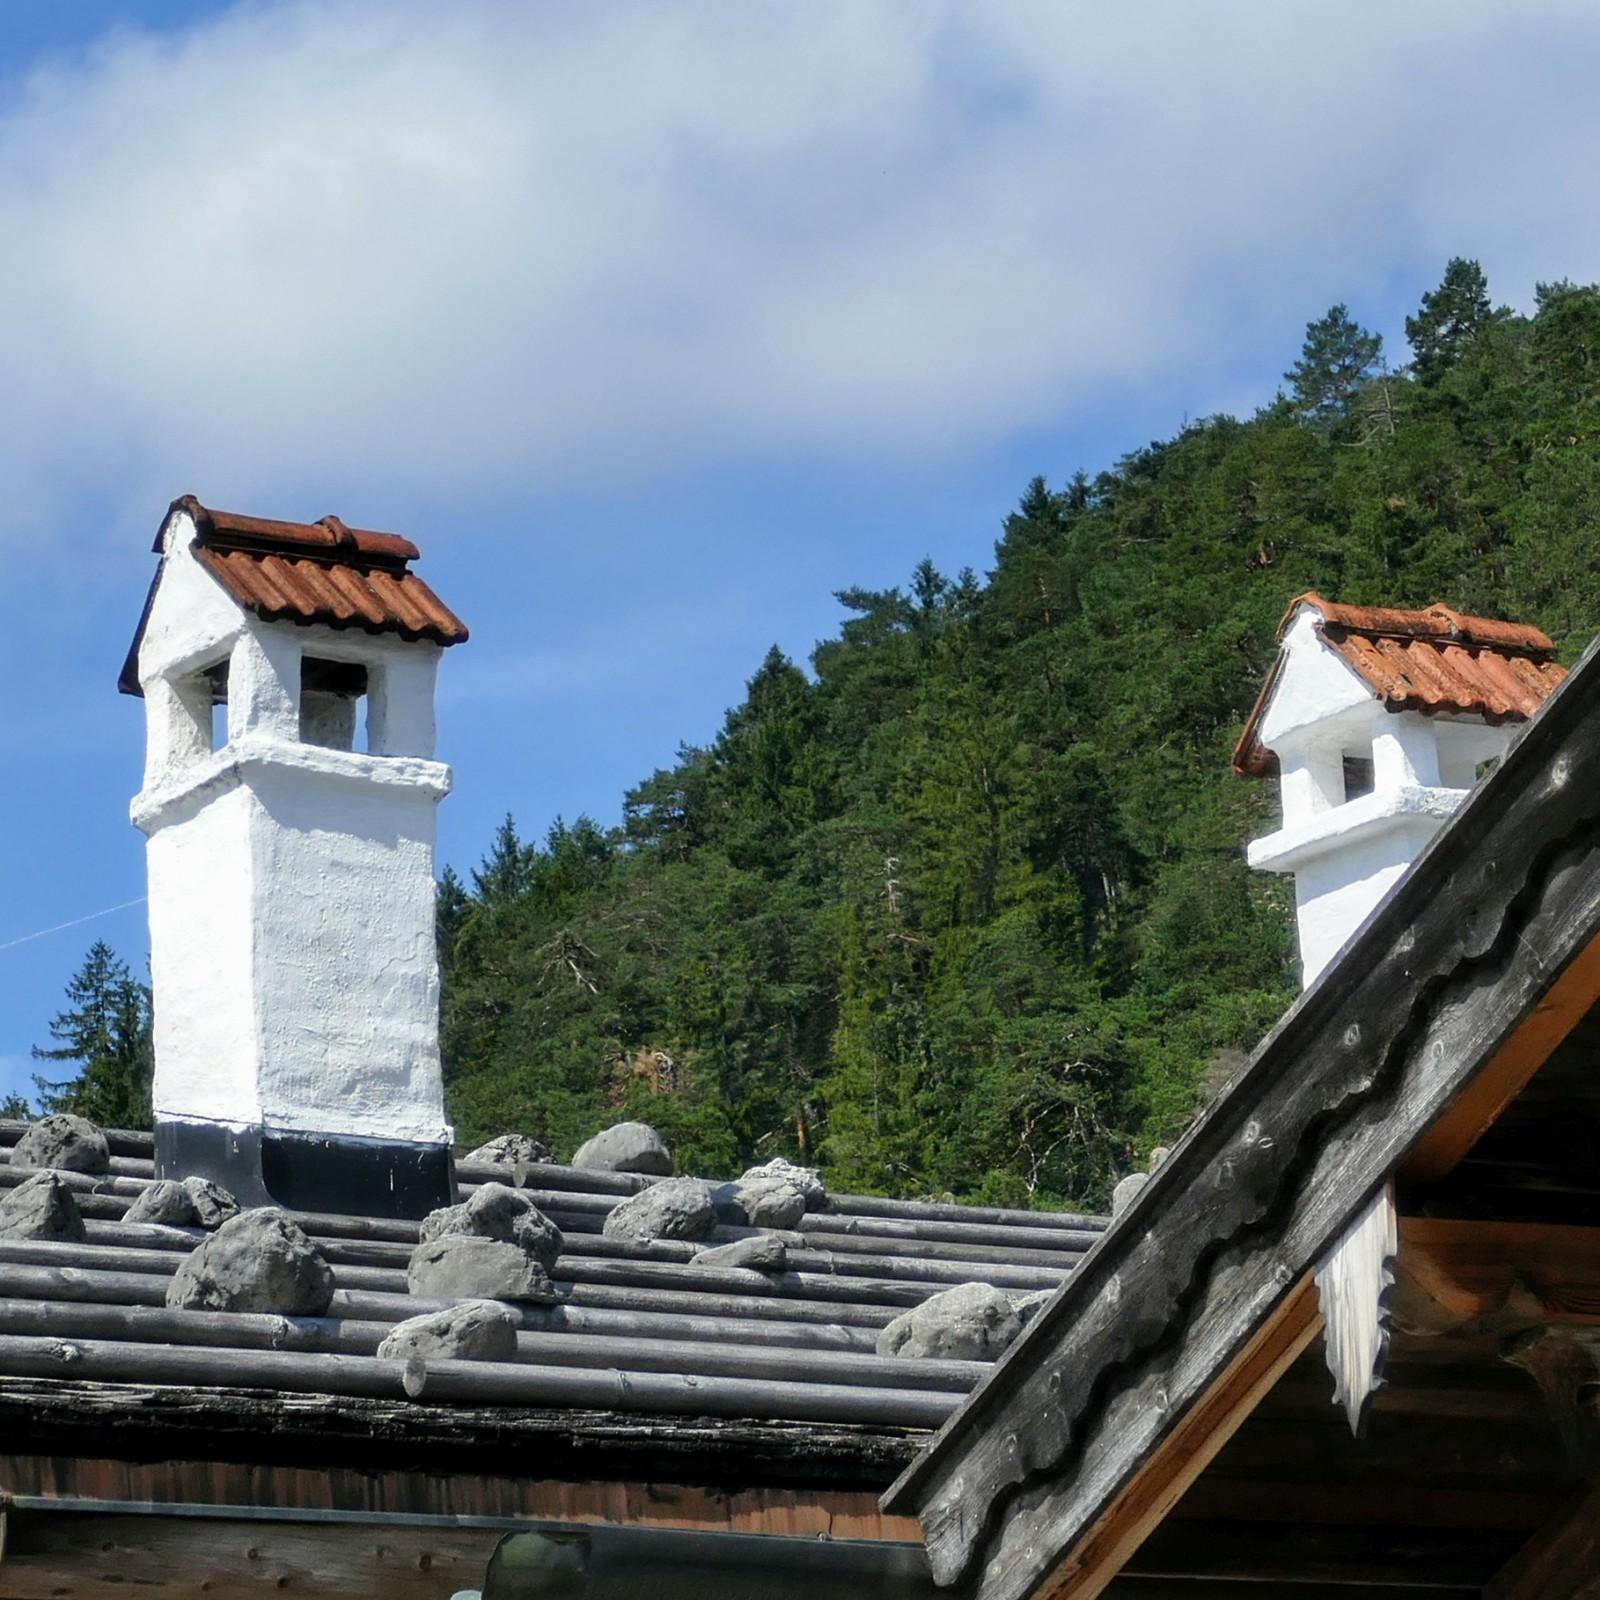 Eines der letzten Schindeldächer in Wallgau. One of the last shinglesroofs in Wallgau